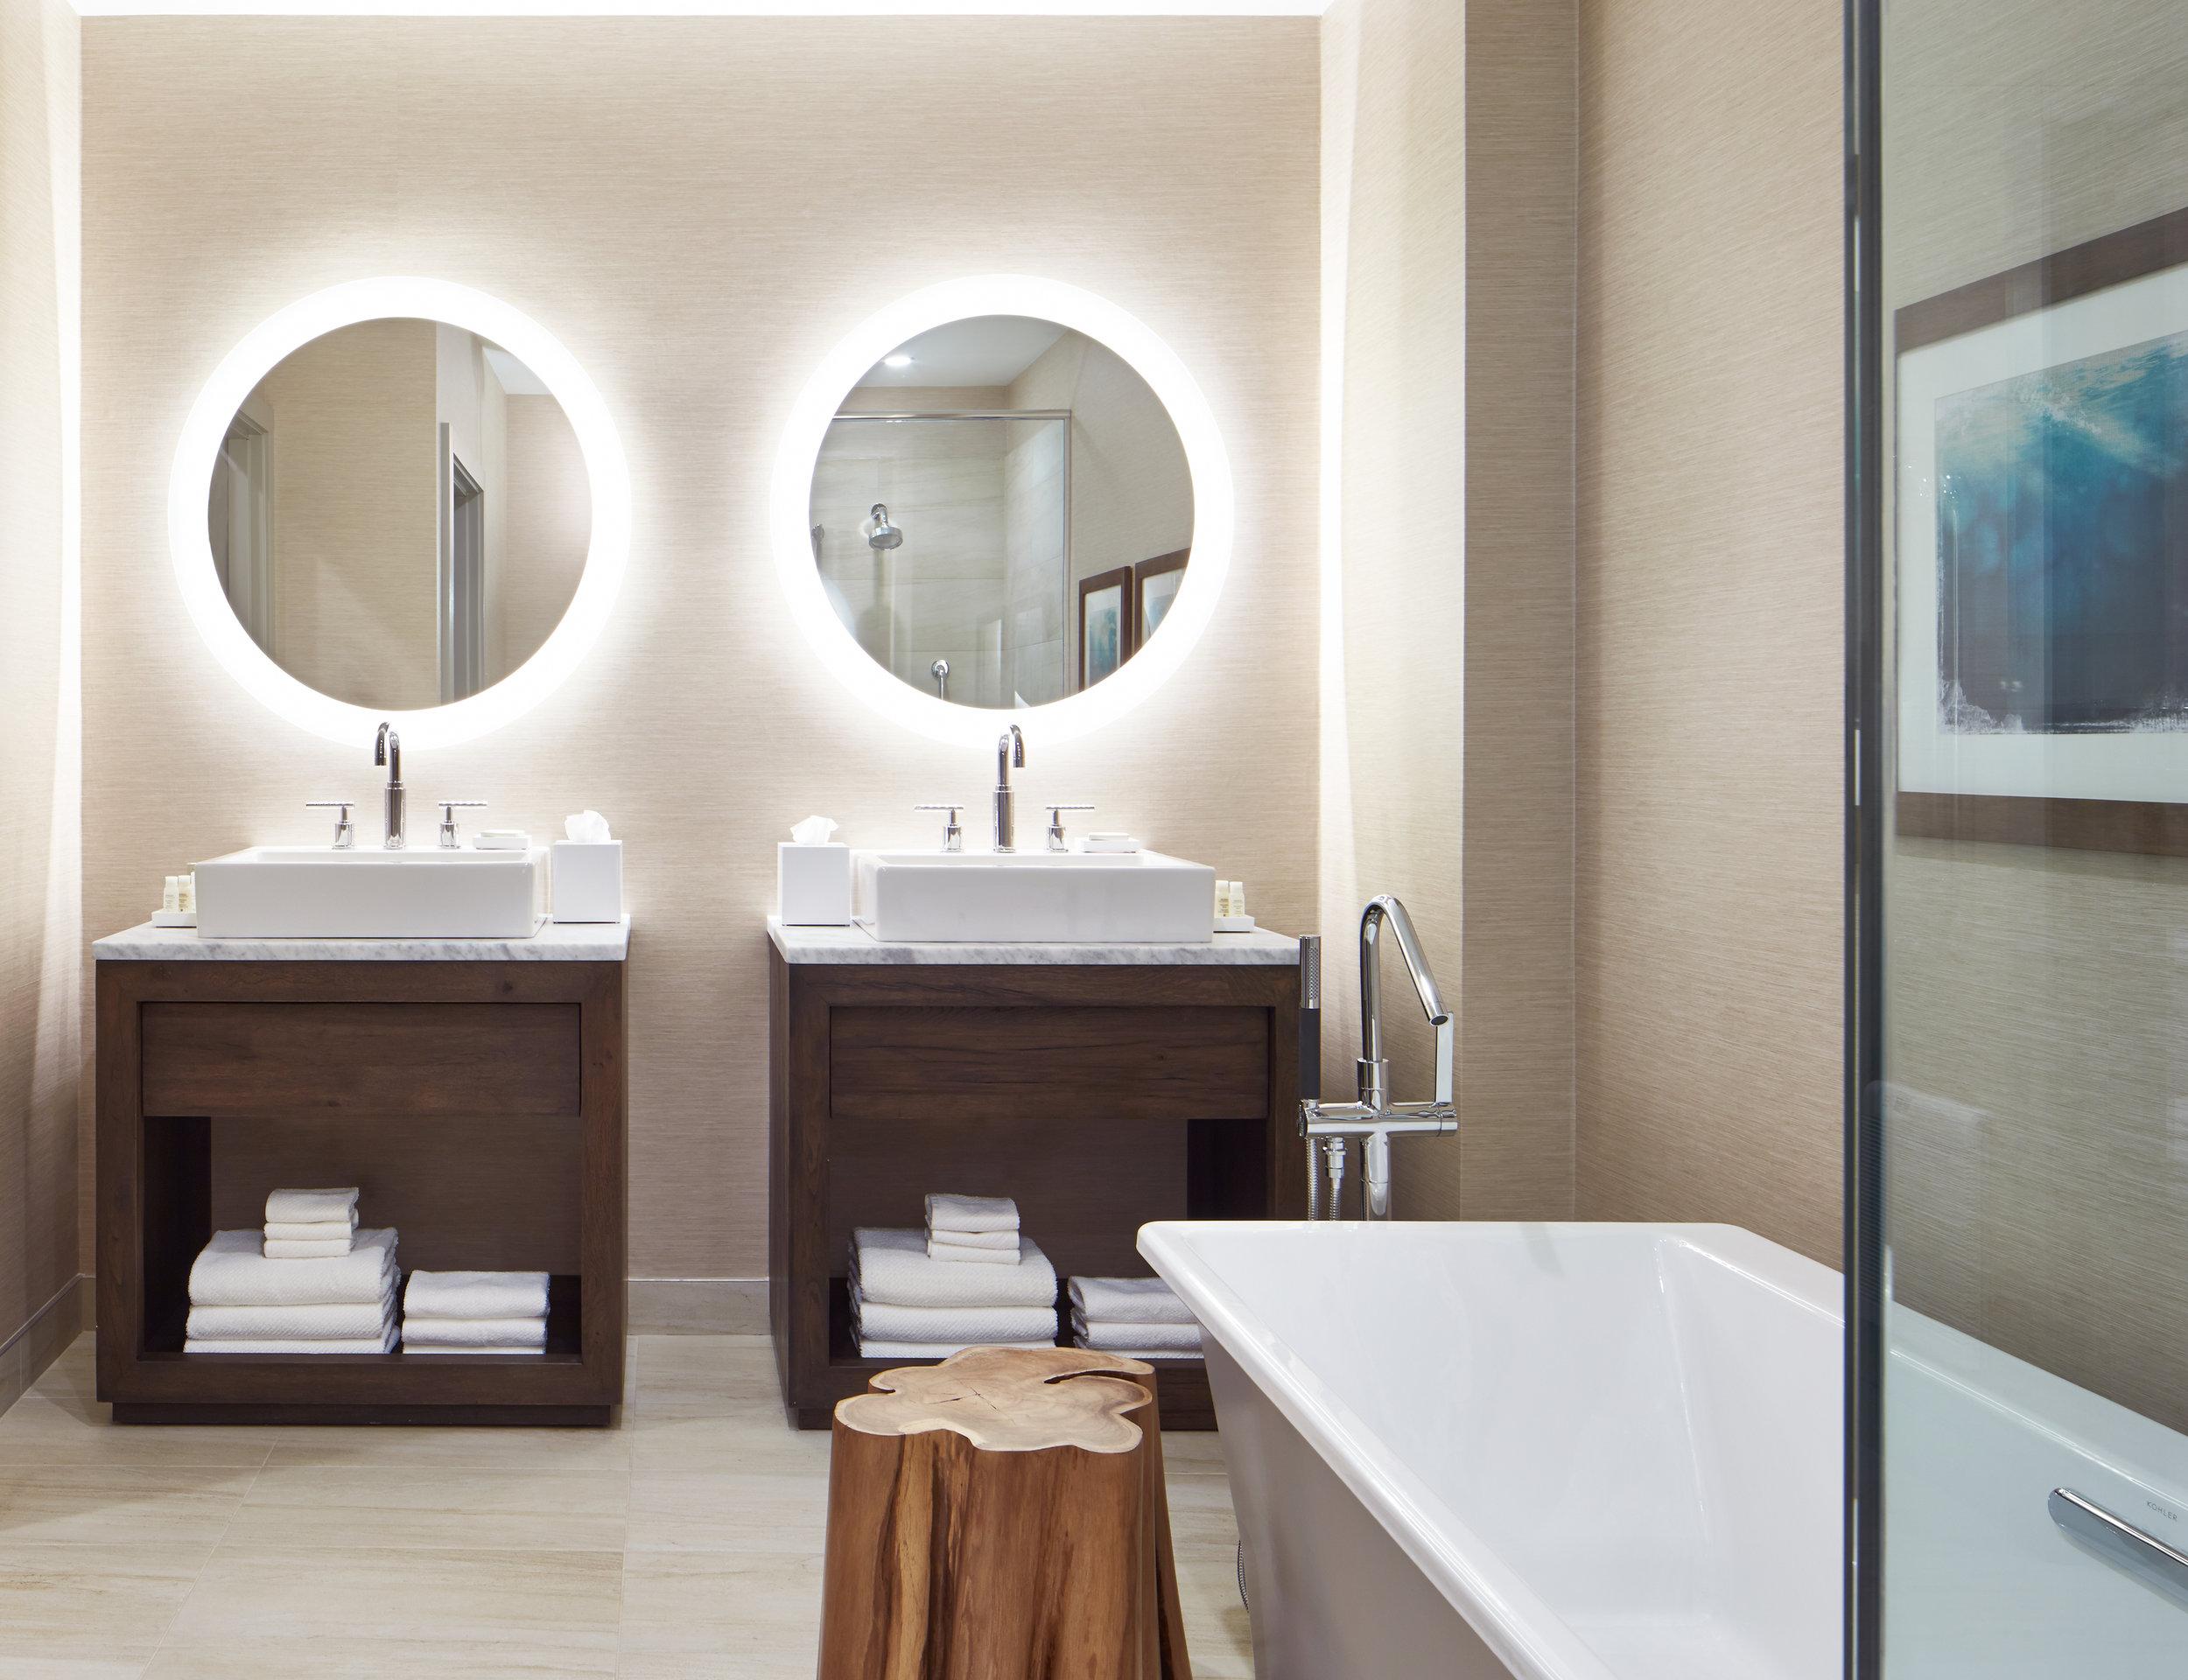 Ren_TheLodge_Monterey_Suite_Bathroom_3.jpg